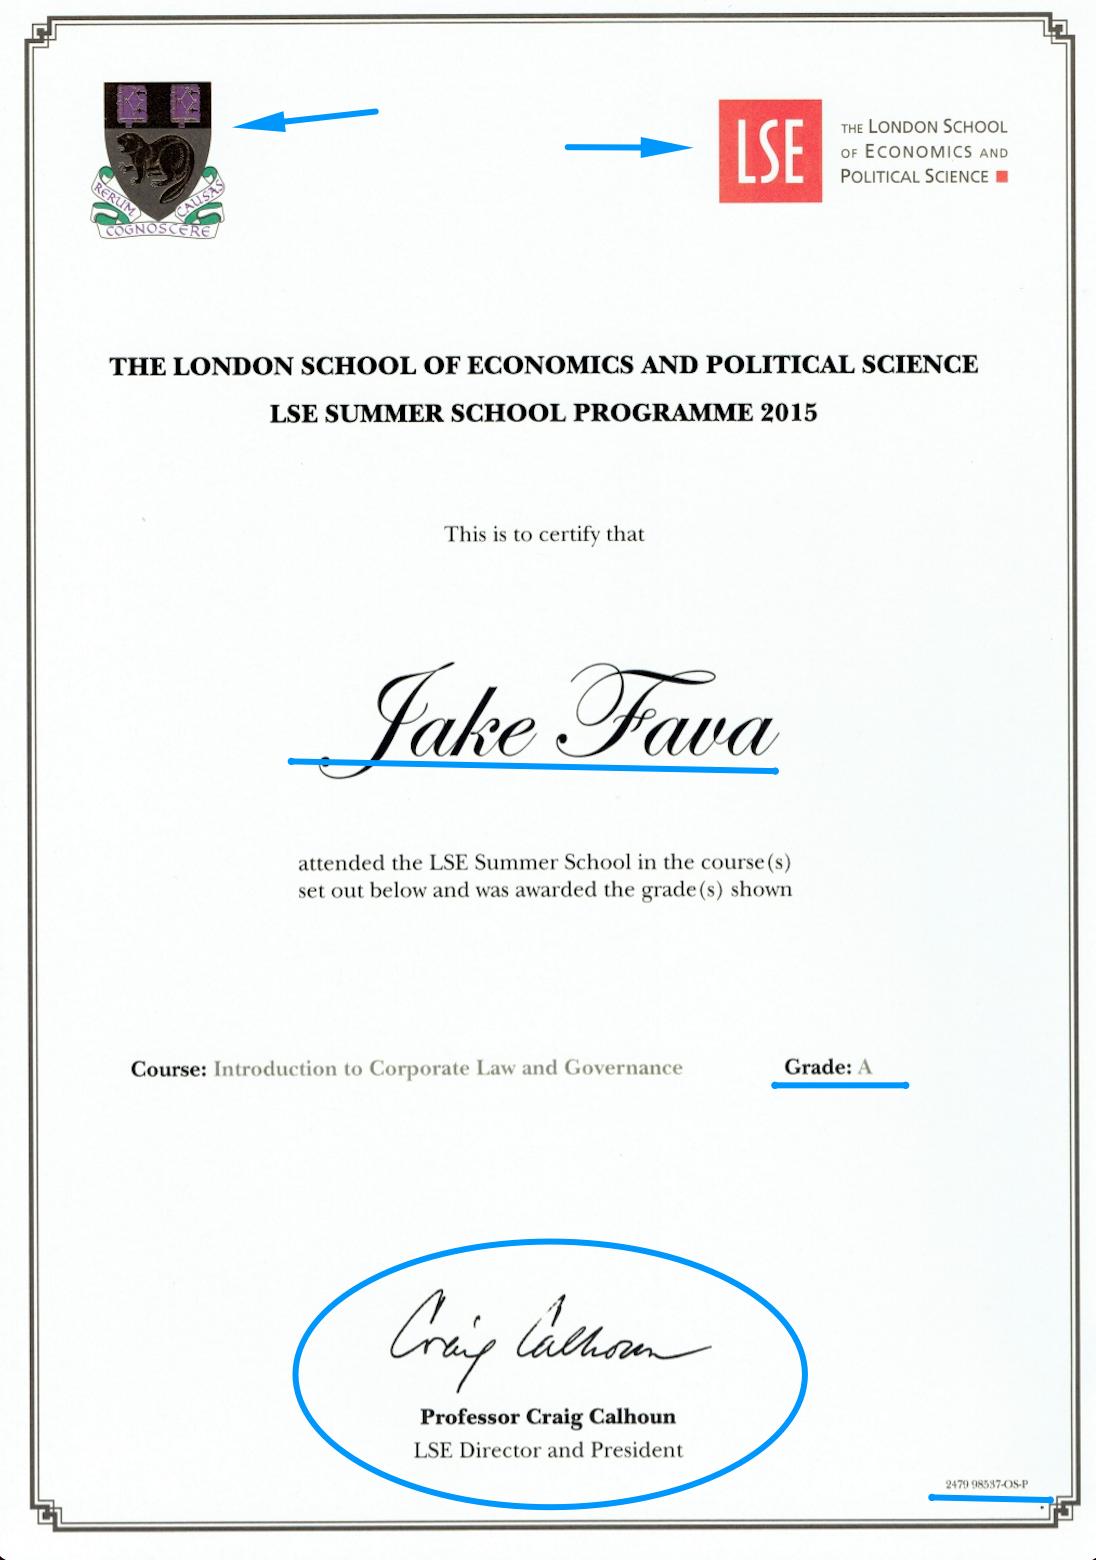 LSE certificate template